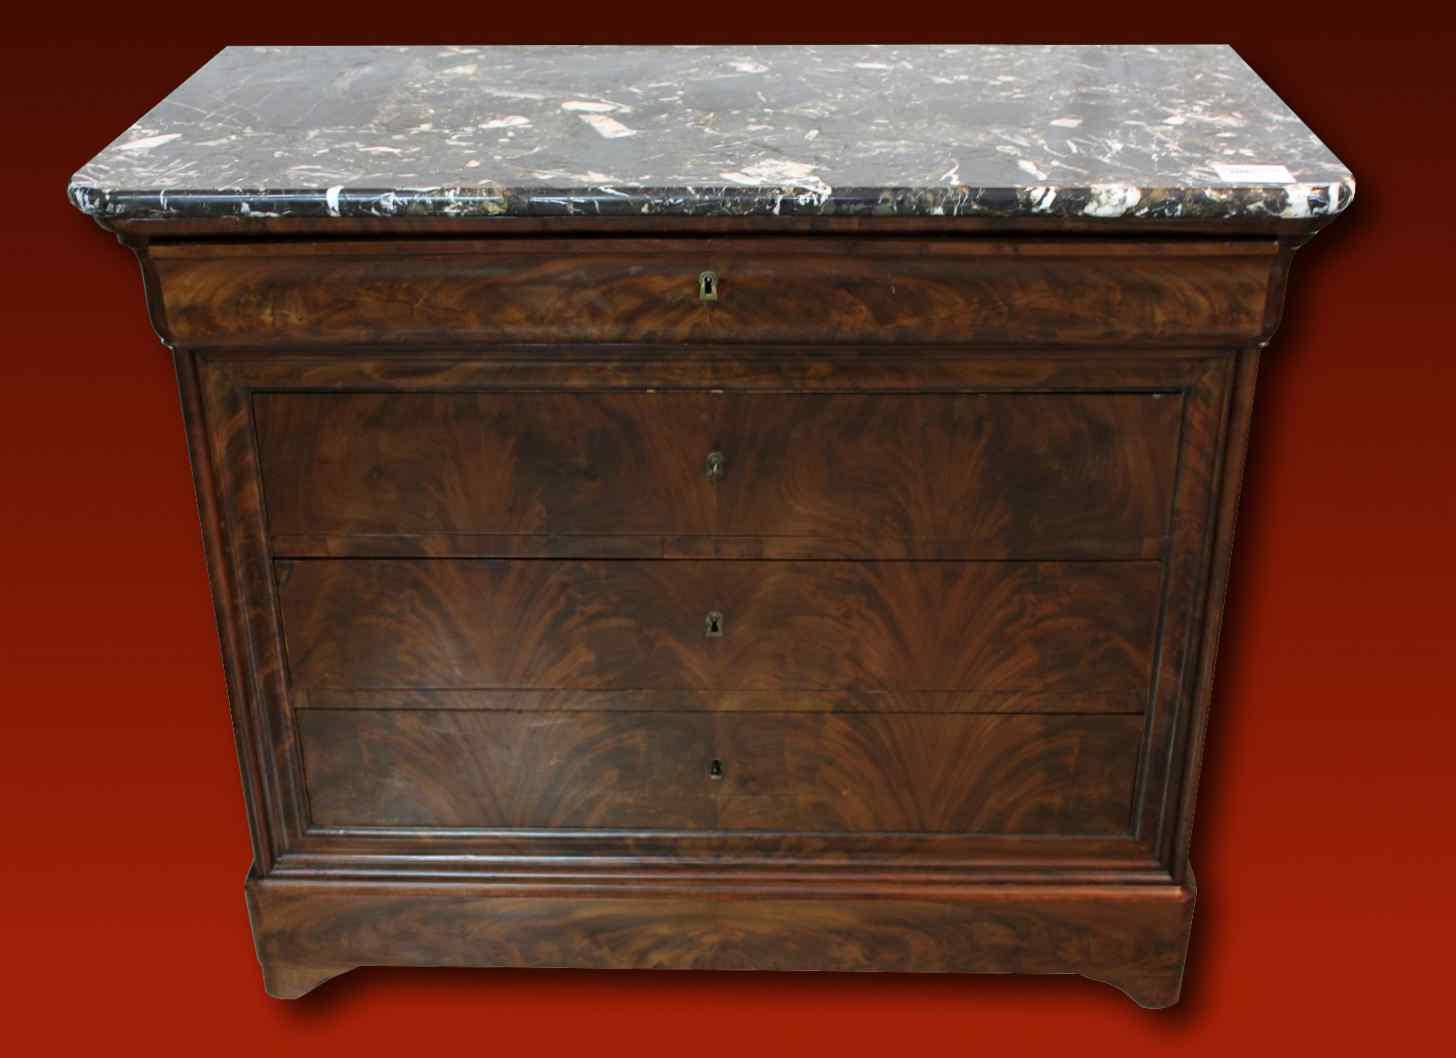 cassettone antico xix secolo